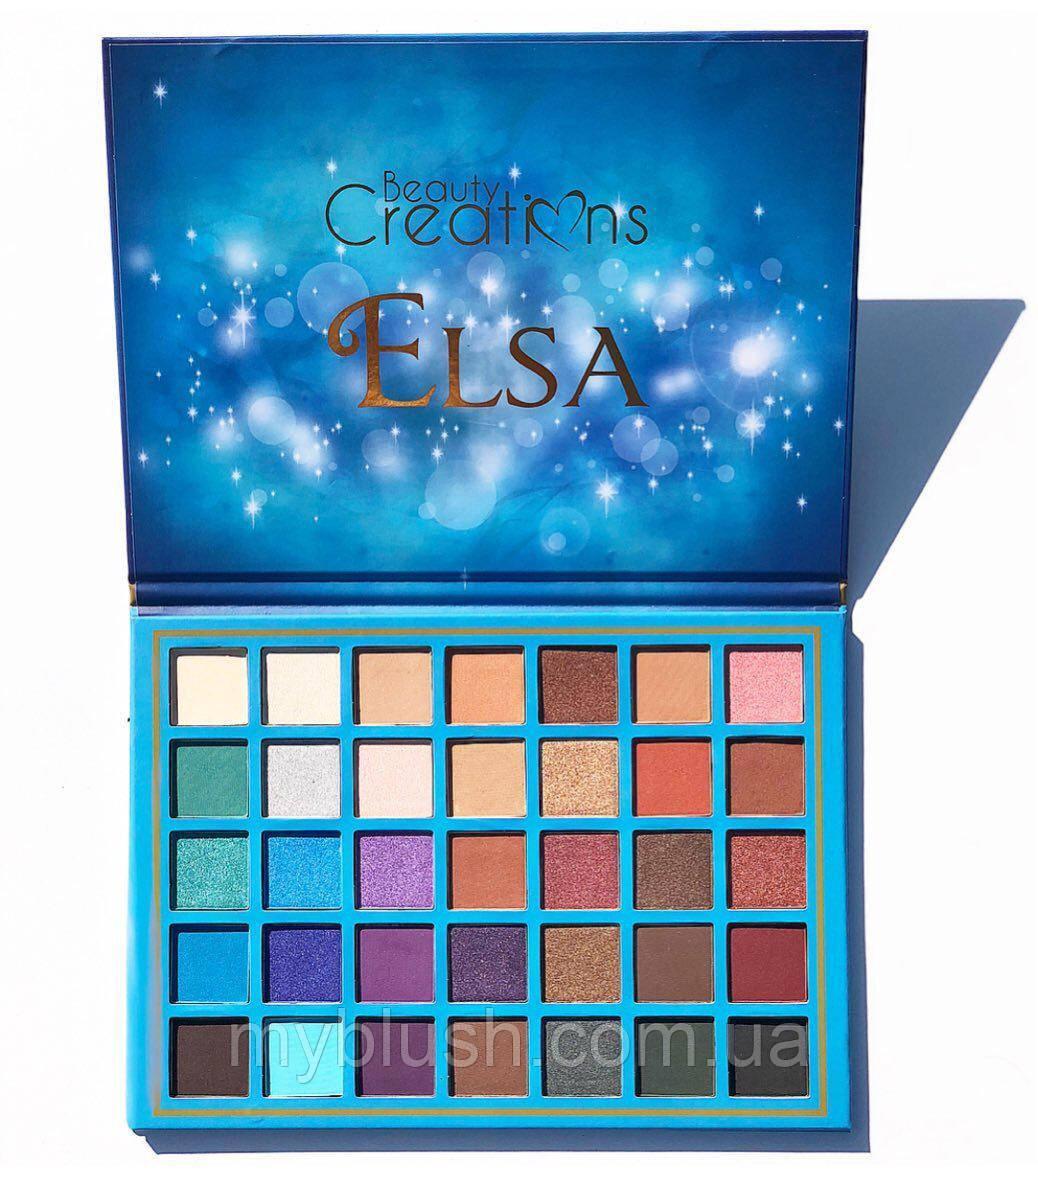 Тени для глаз Beauty Creations ELSA 35 цветов